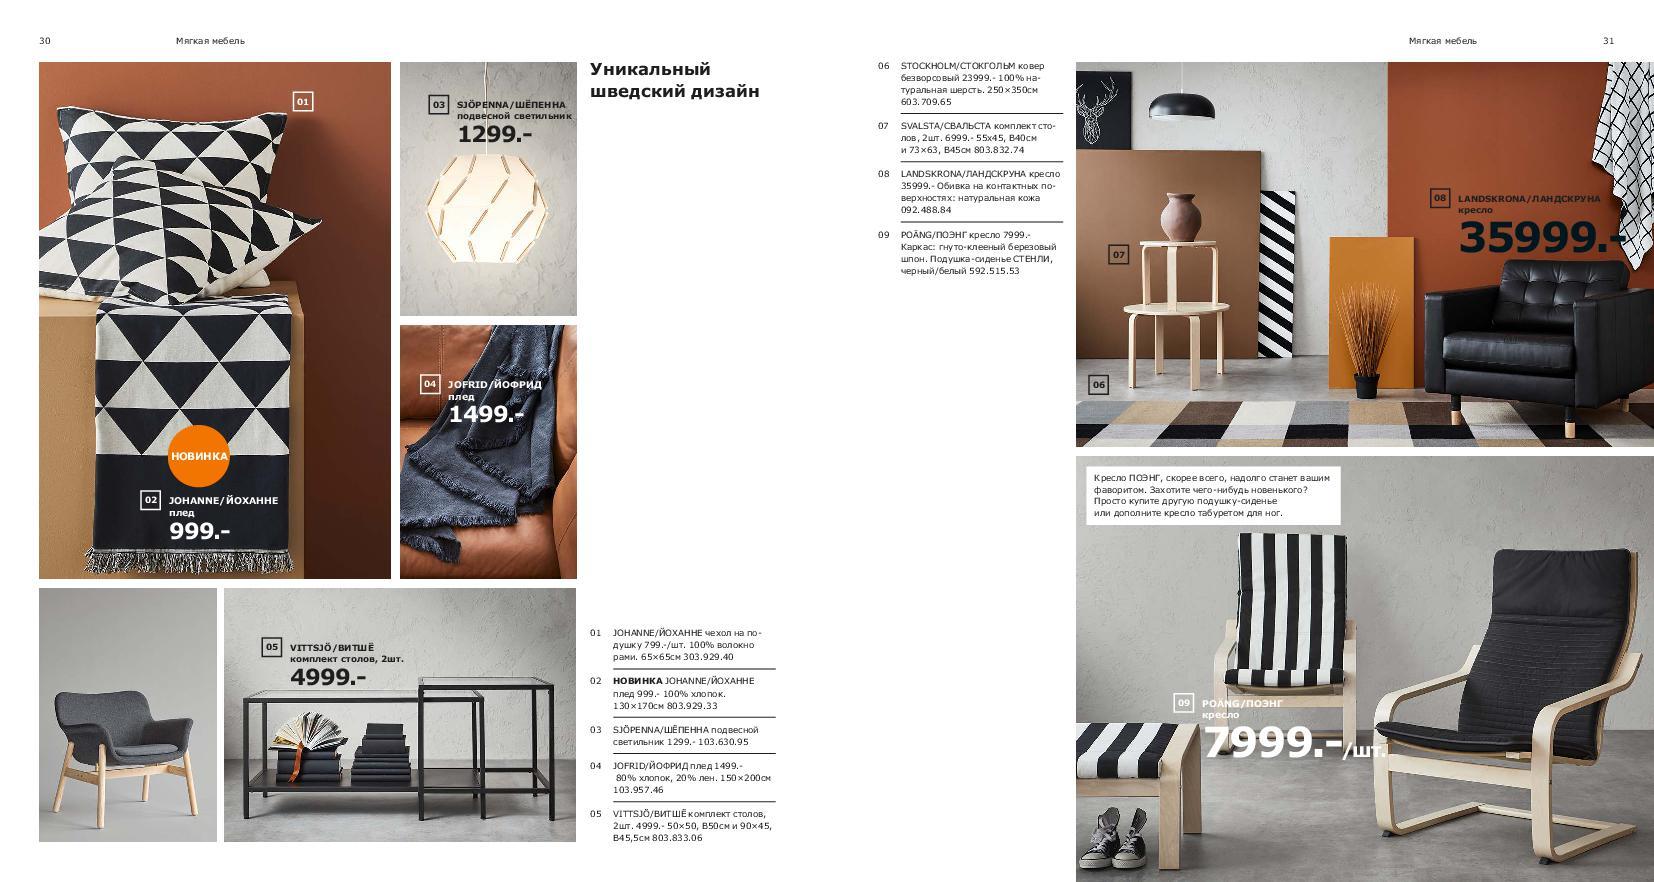 IKEA_catalogue_2019-16